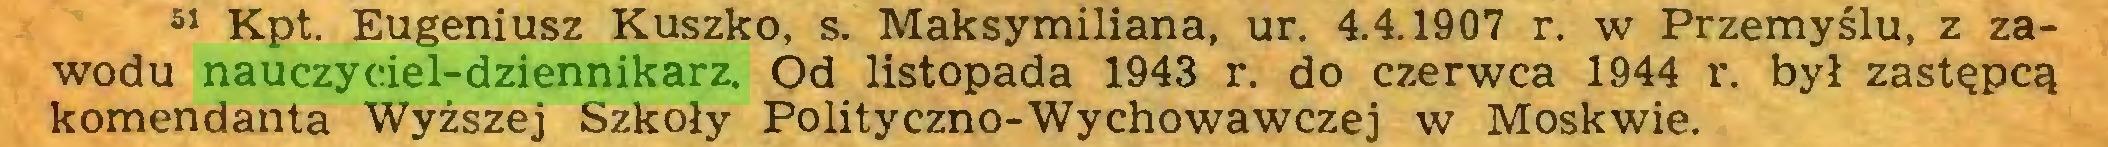 (...) 51 Kpt. Eugeniusz Kuszko, s. Maksymiliana, ur. 4.4.1907 r. w Przemyślu, z zawodu nauczyciel-dziennikarz. Od listopada 1943 r. do czerwca 1944 r. był zastępcą komendanta Wyższej Szkoły Polityczno-Wychowawczej w Moskwie...